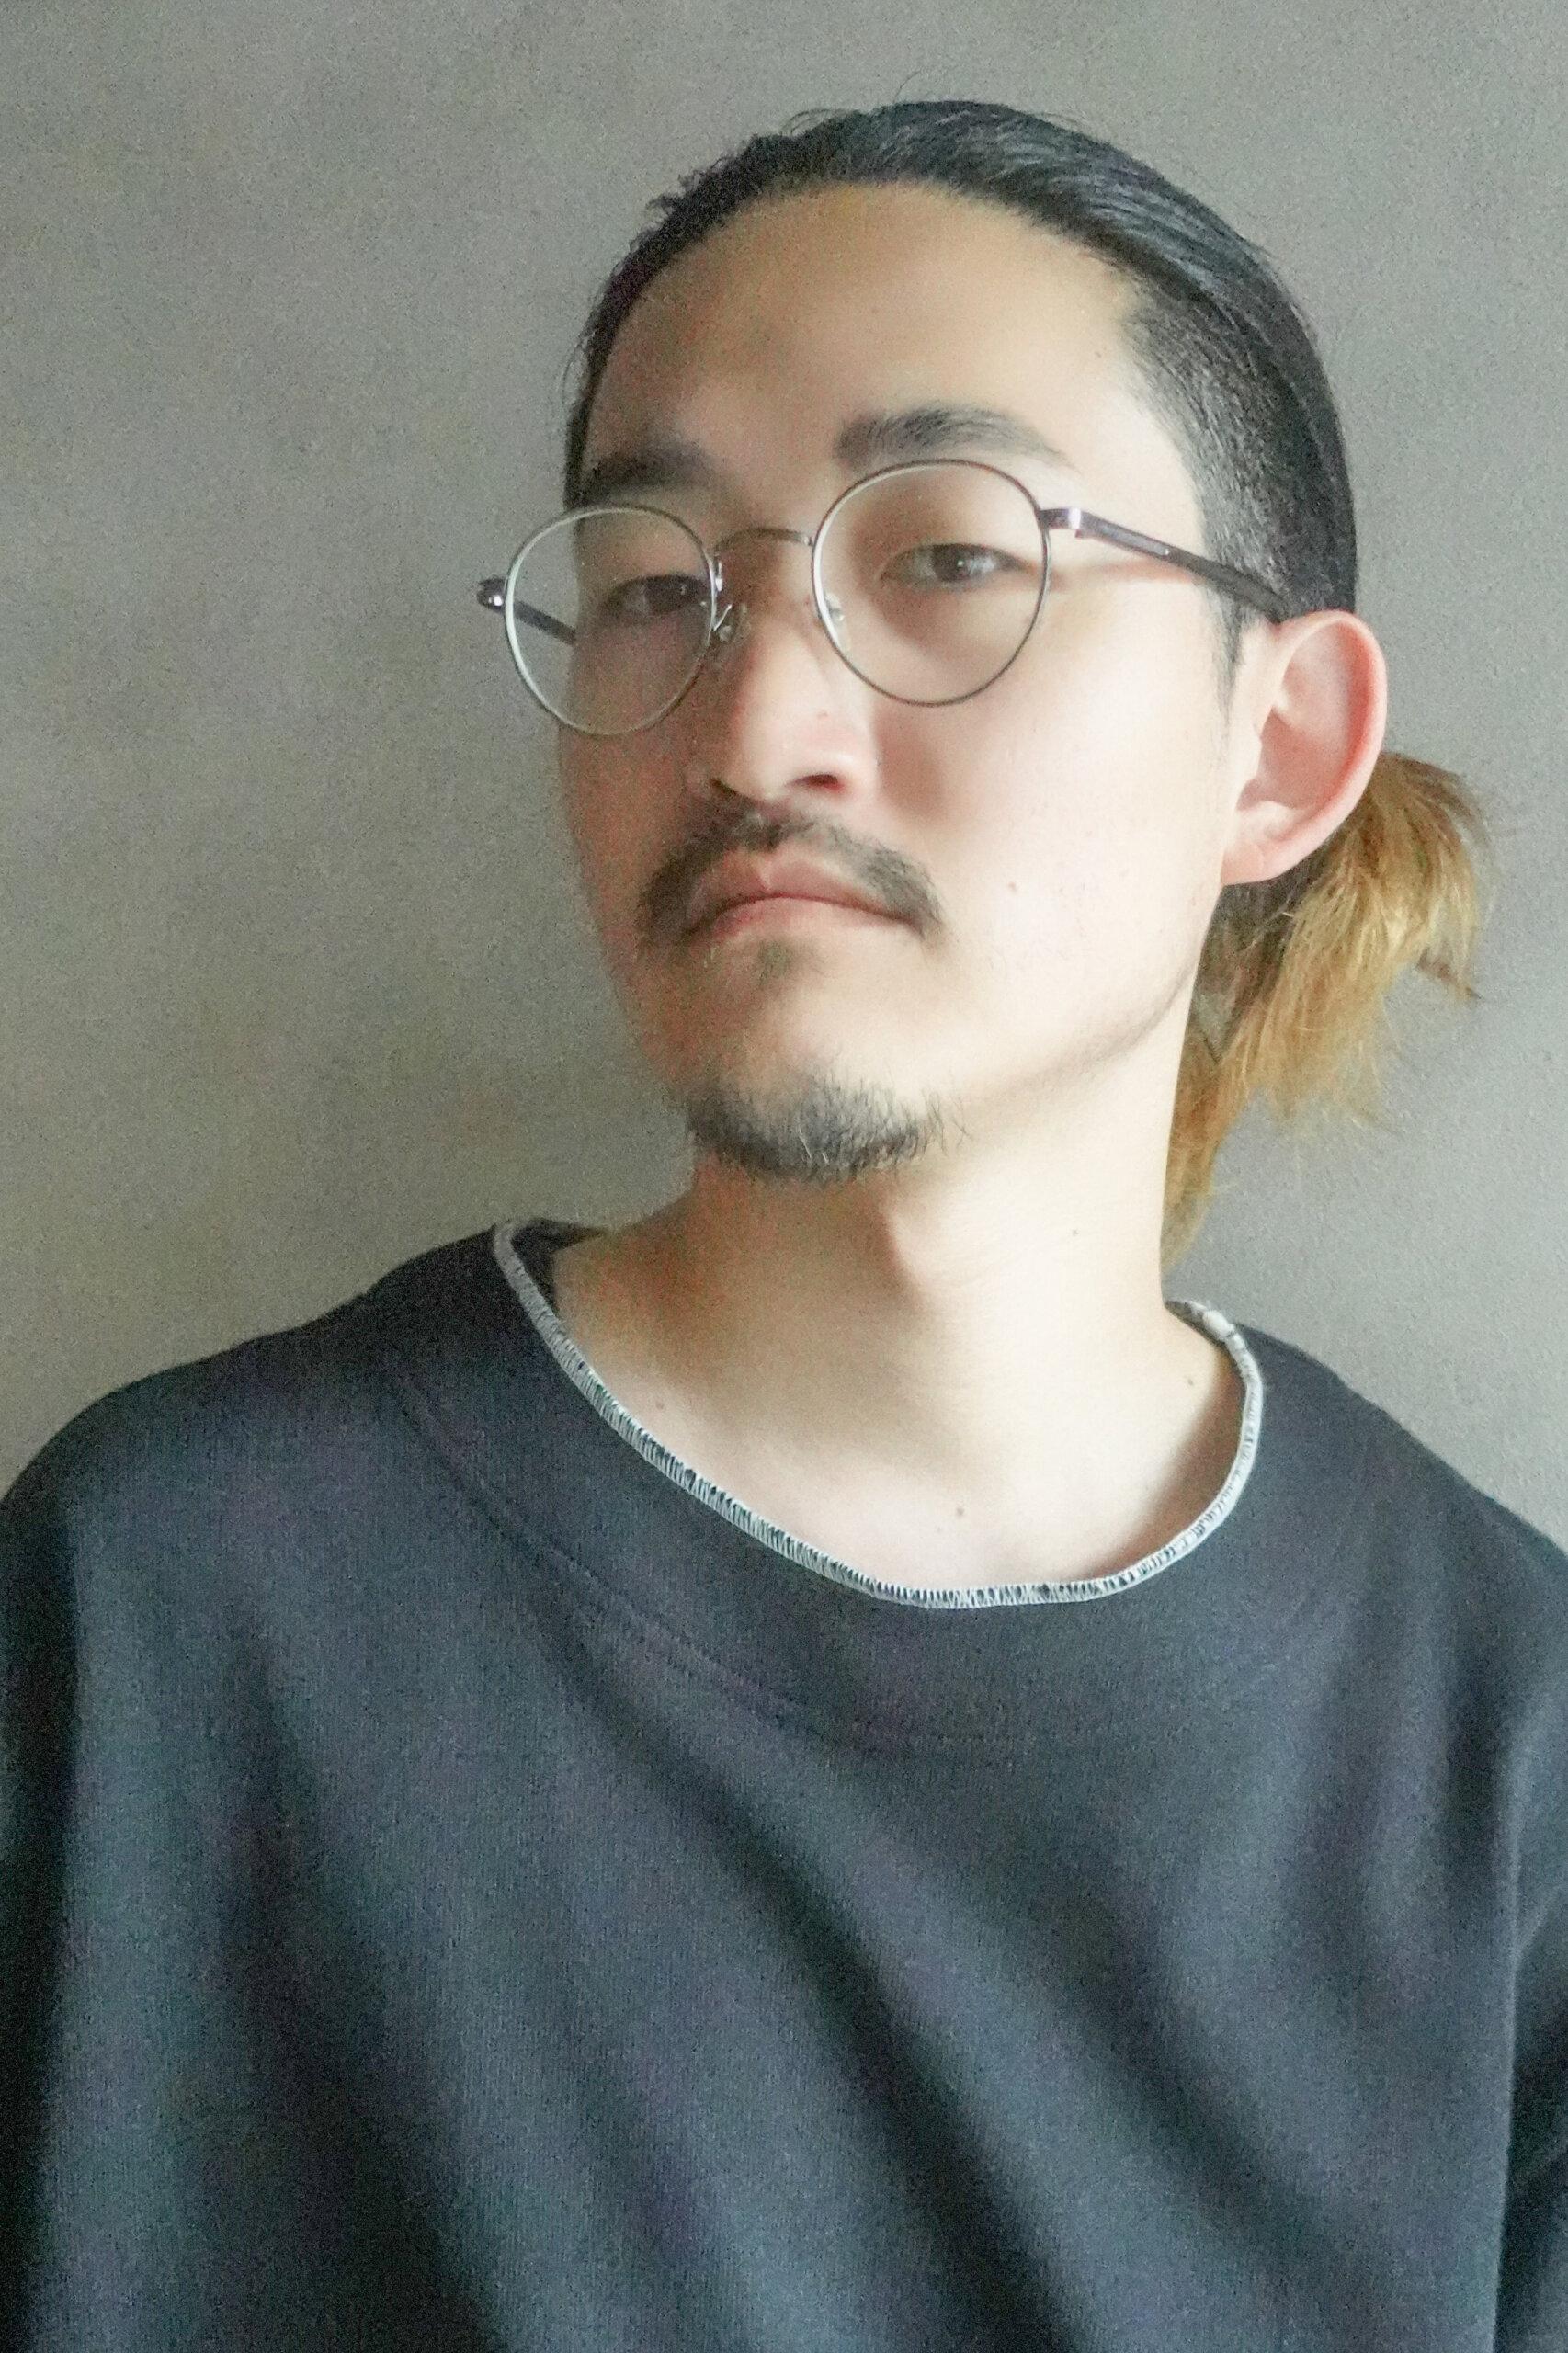 檜山 直輝 @enx_naoki67